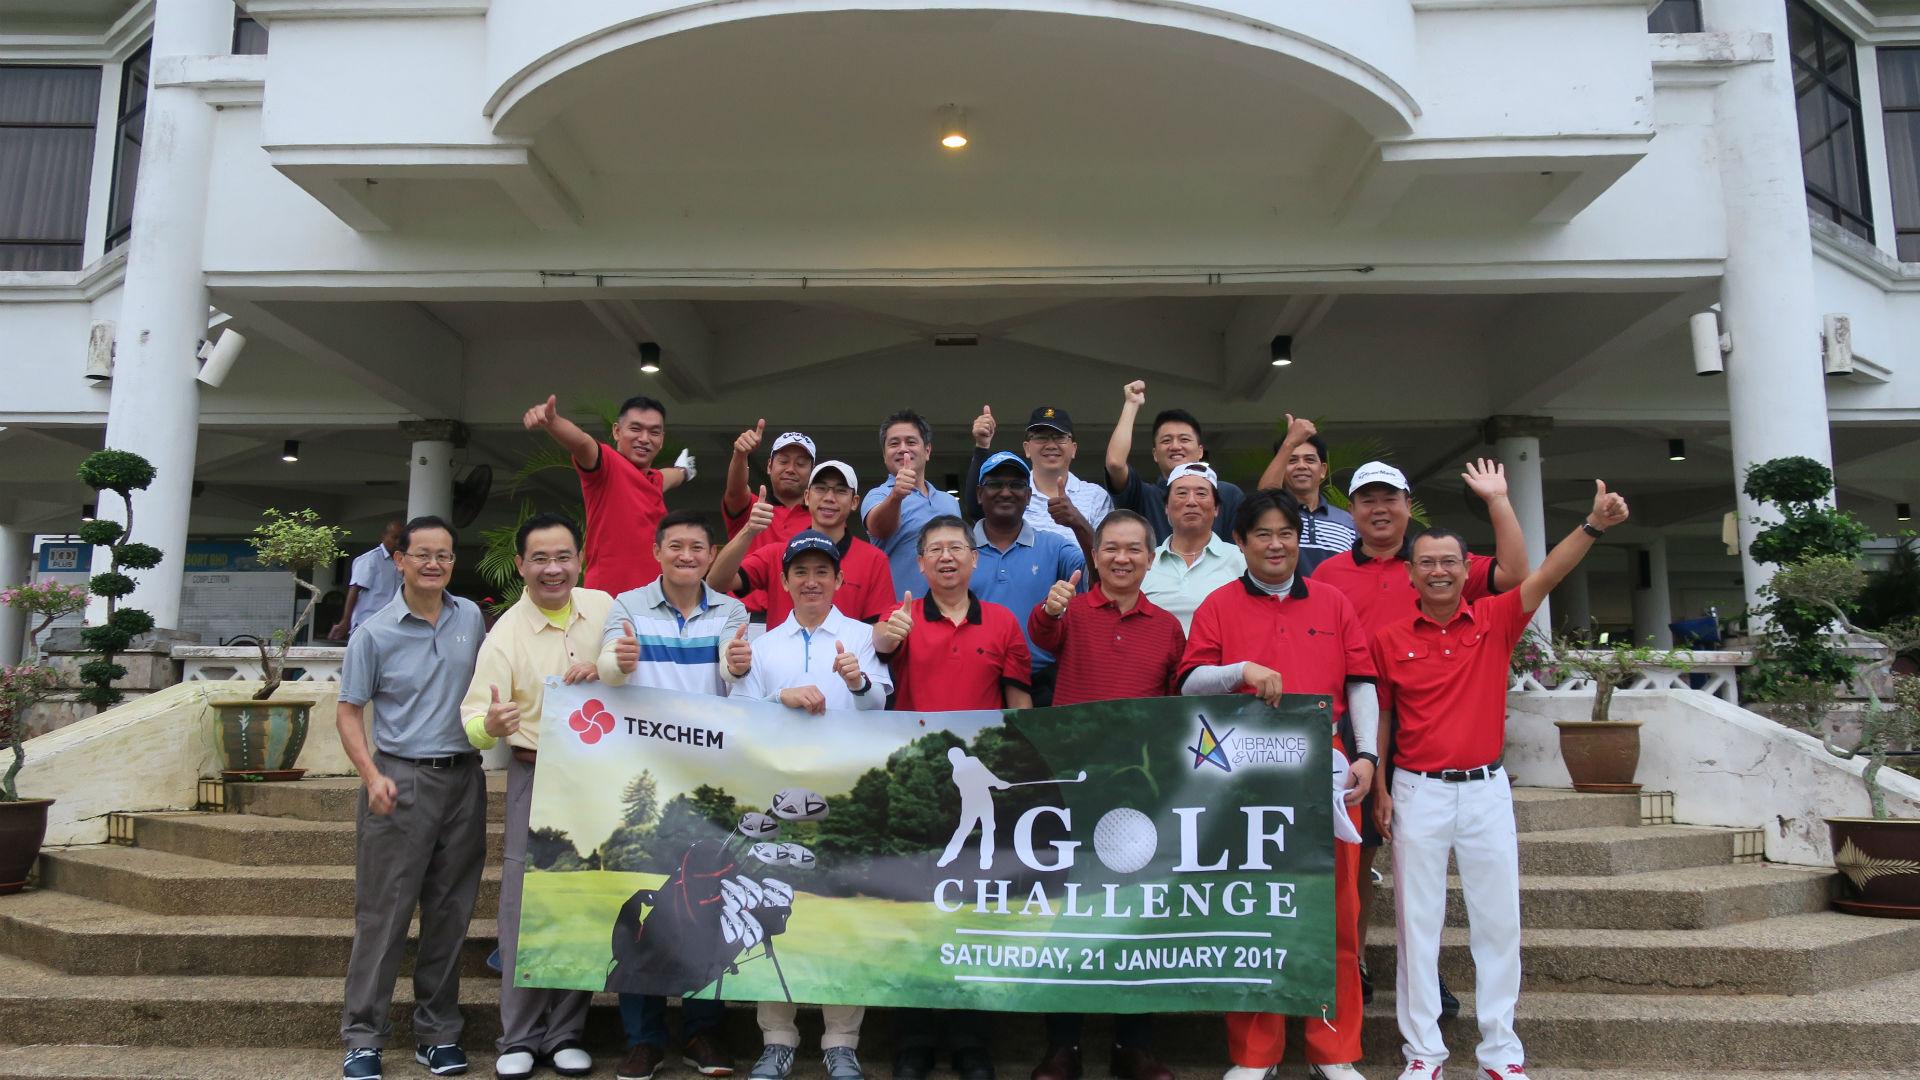 Texchem Golf Challenge